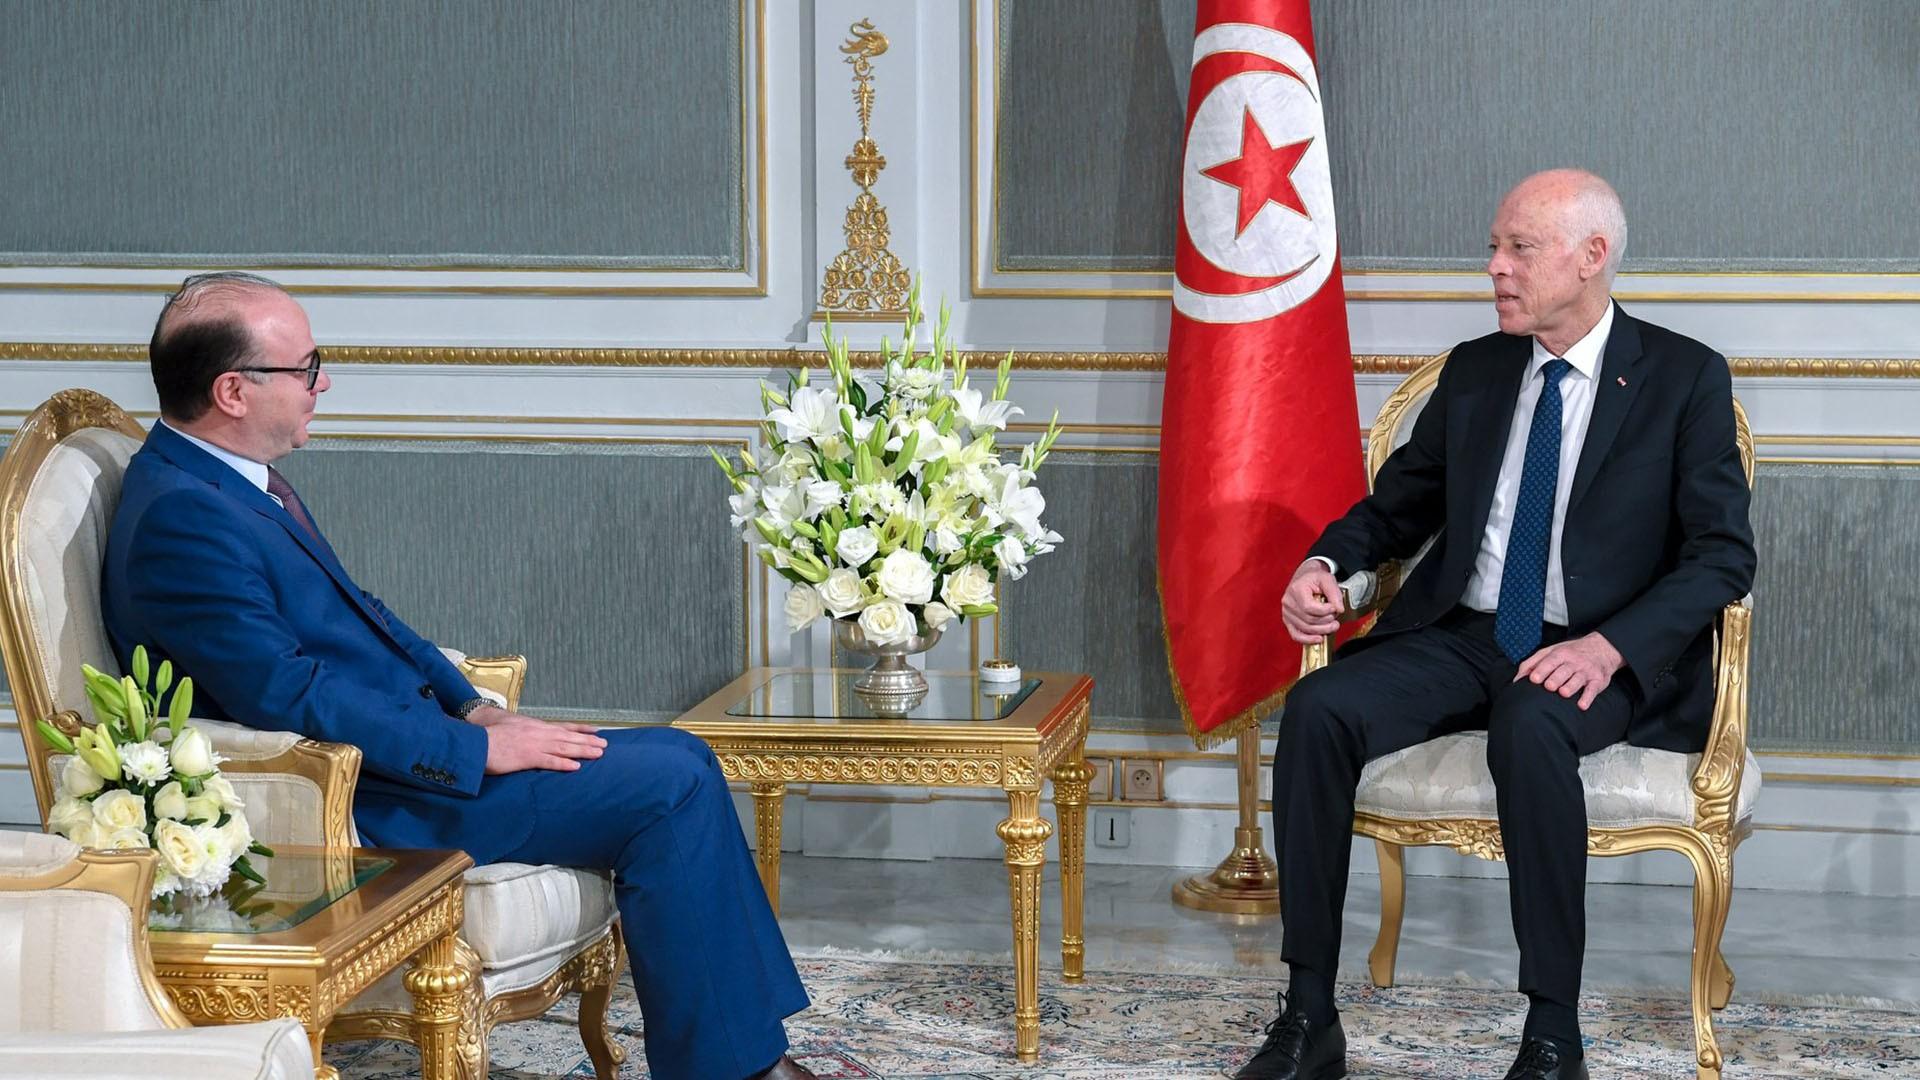 تونس .. من الشخصية التي سيختارها قيس سعيد لرئاسة الحكومة؟